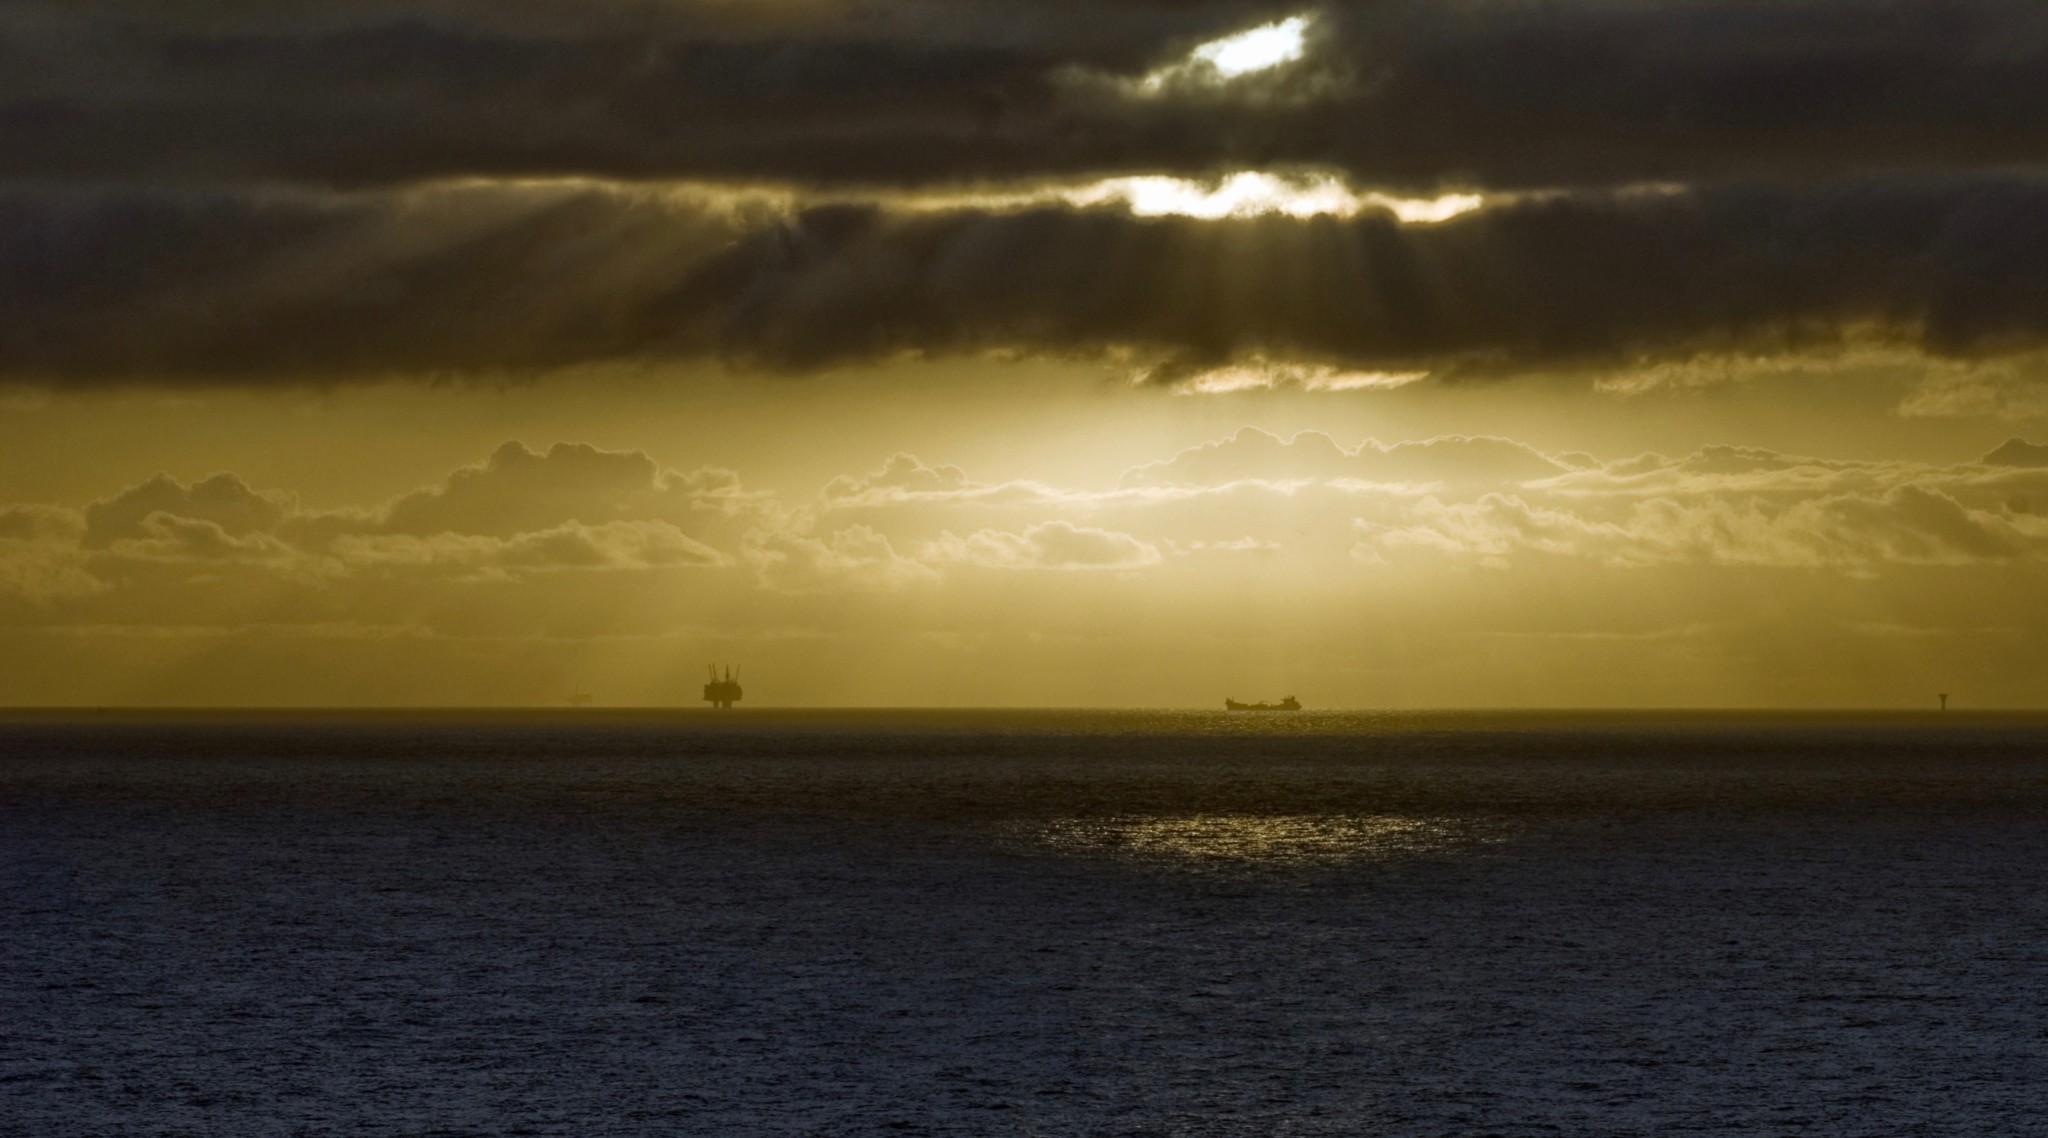 Ville bruke atomvåpen i Nordsjøen